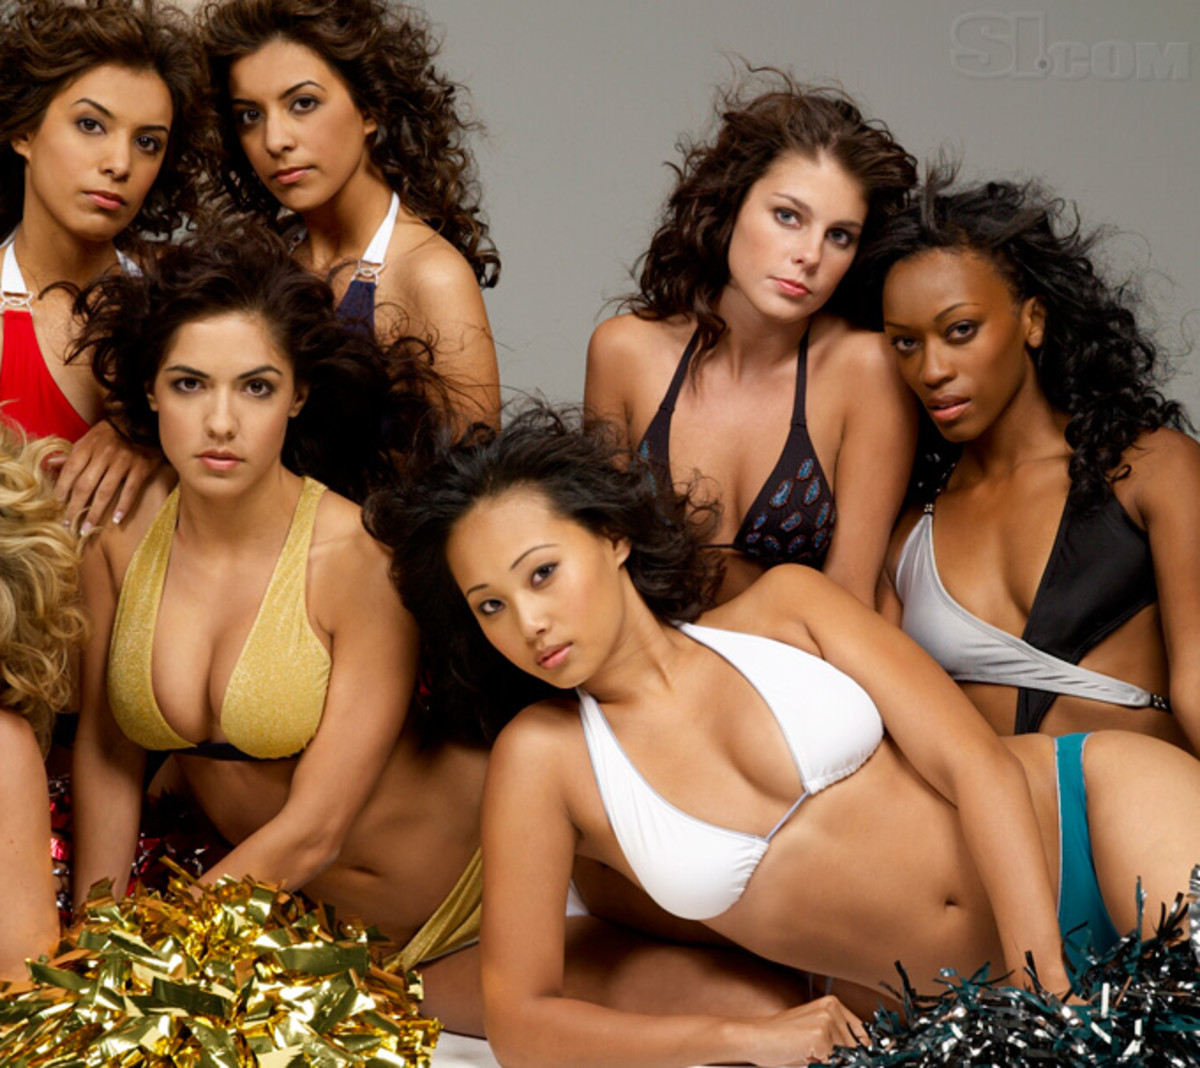 08_cheerleaders-group_01.jpg